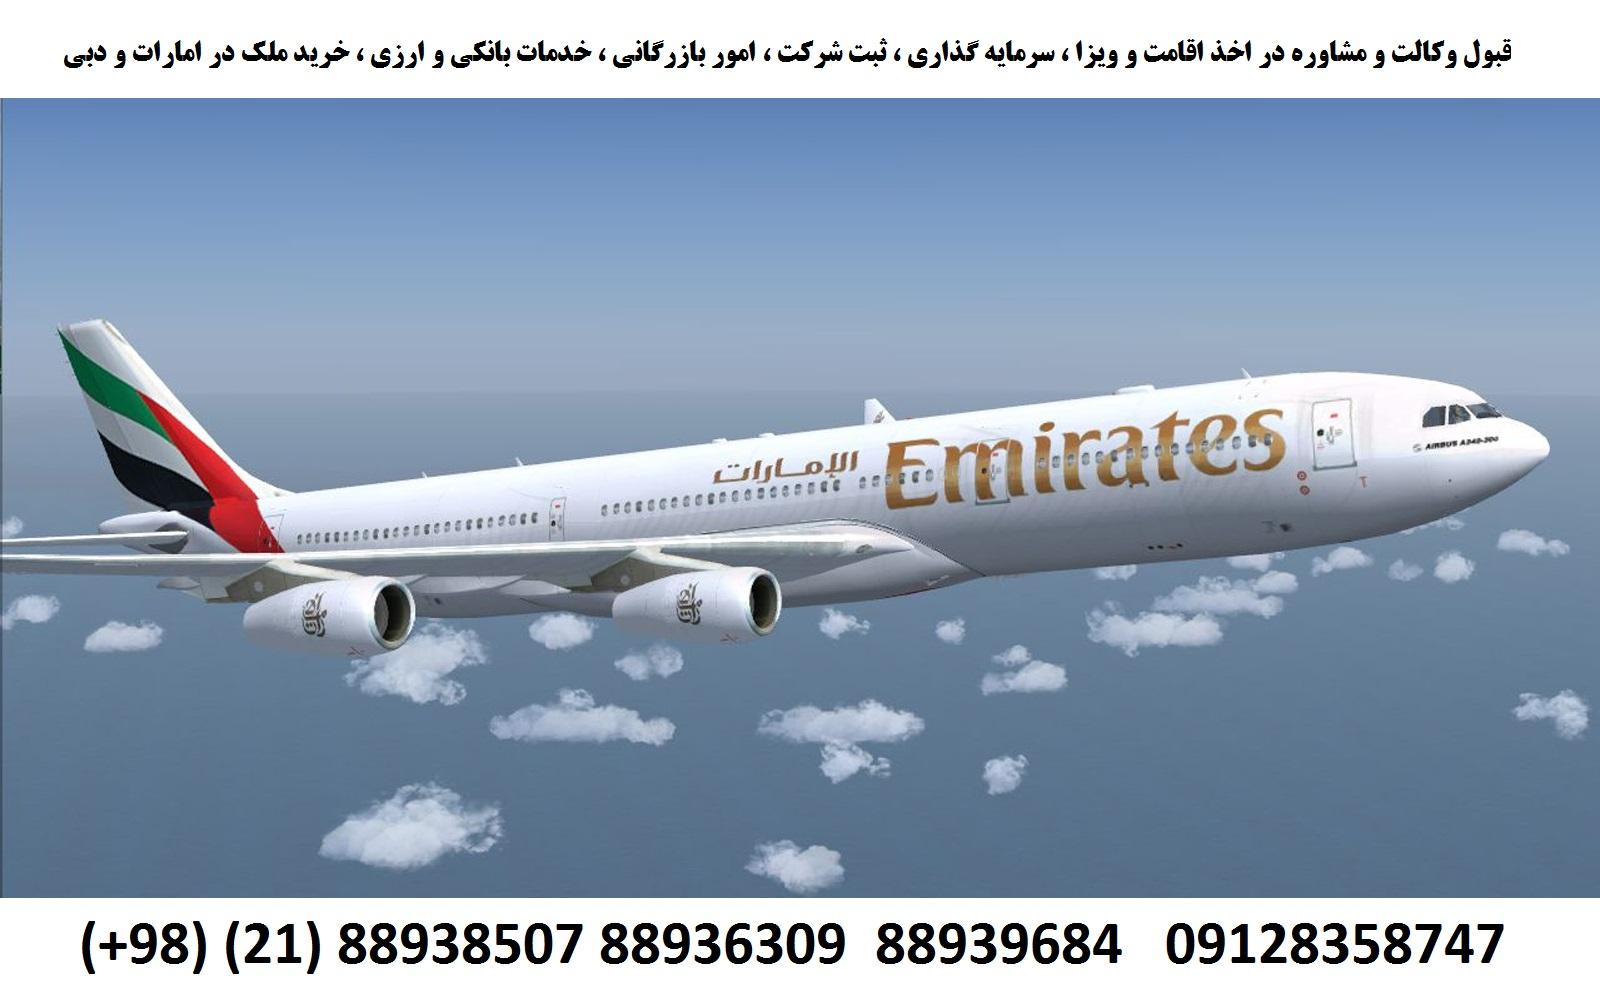 اقامت ، ثبت شرکت ، سرمایه گذاری ، خرید ملک در امارات و دبی (5)